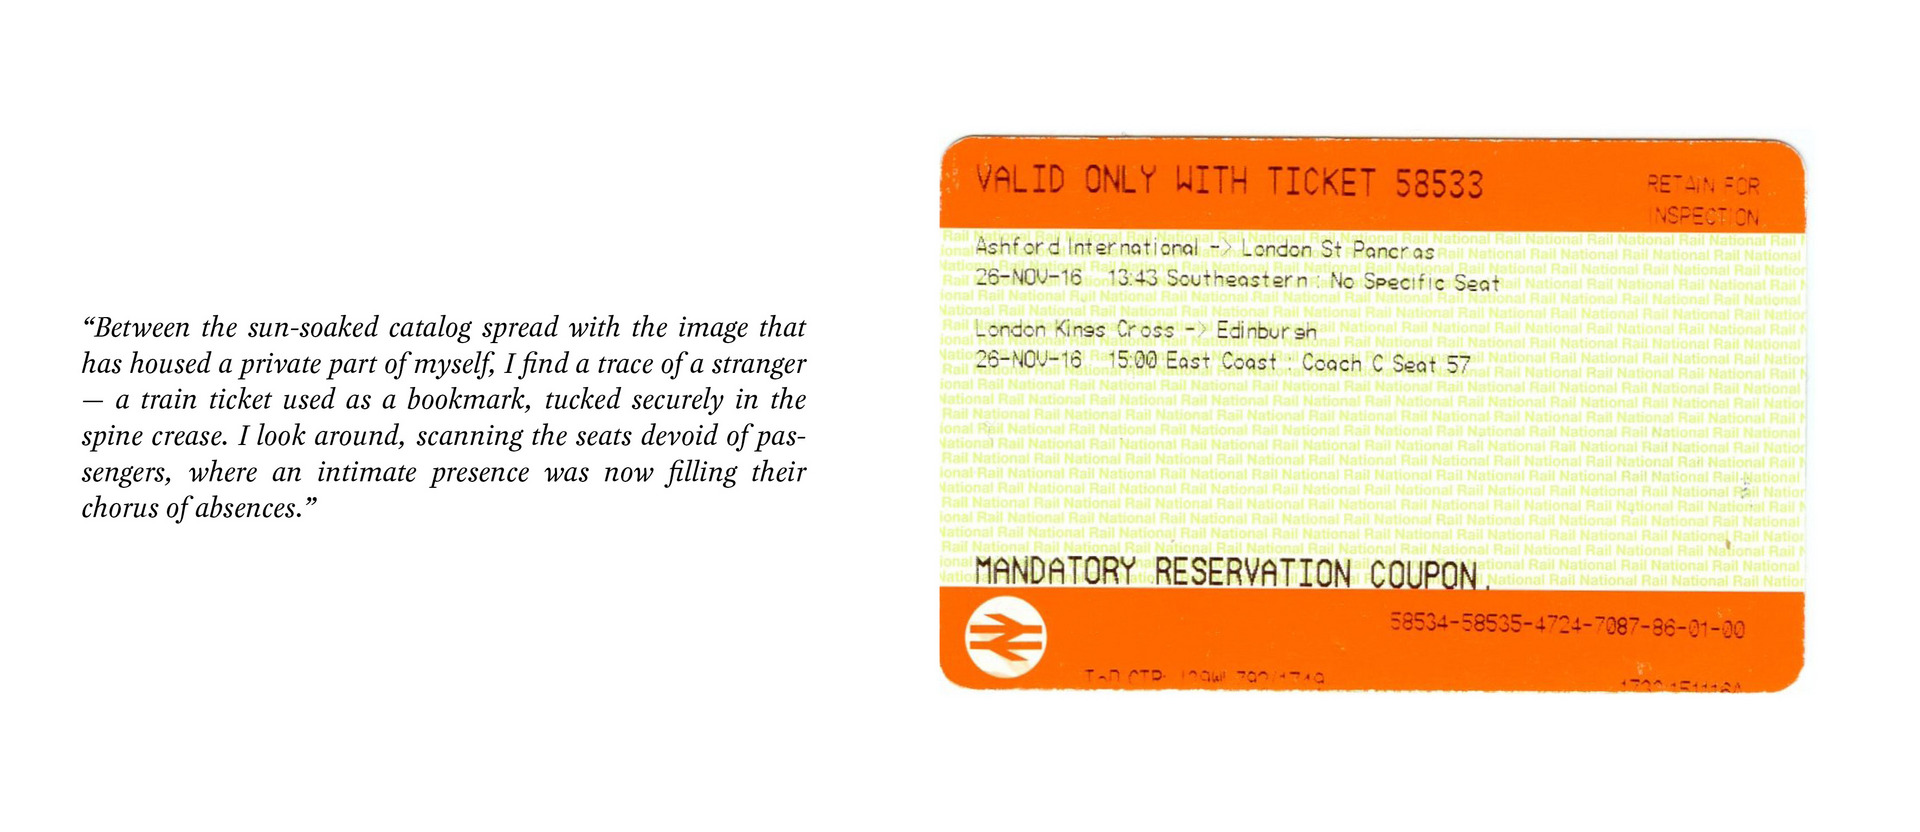 Found National Rail ticket